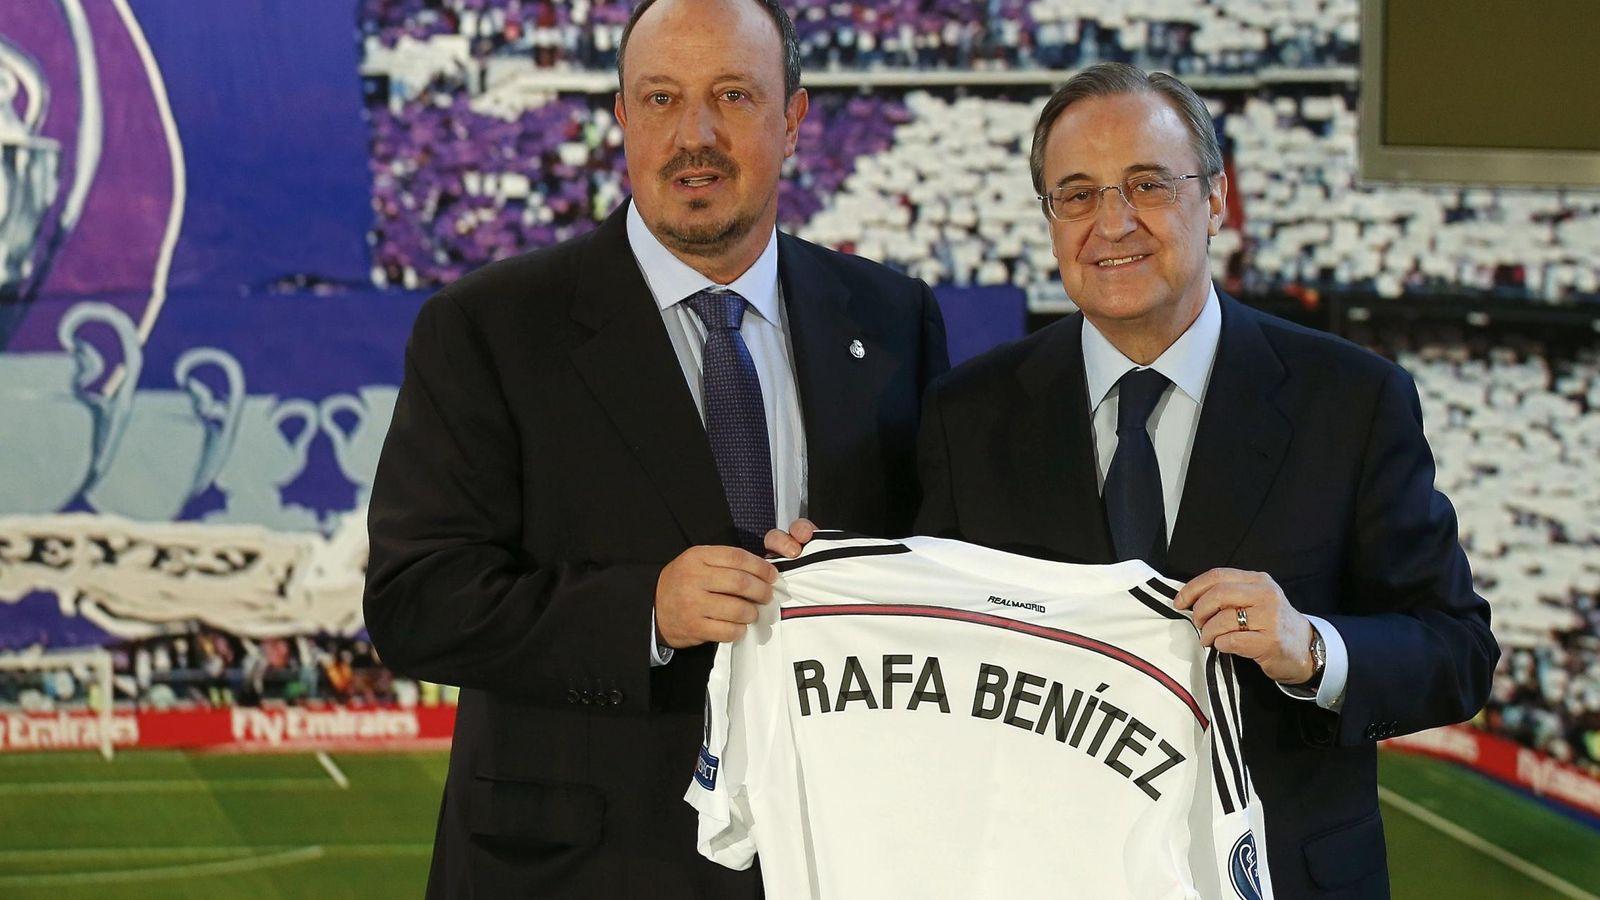 Foto: Florentino Pérez y Rafa Benítez, en la presentación del técnico como entrenador del conjunto blanco.